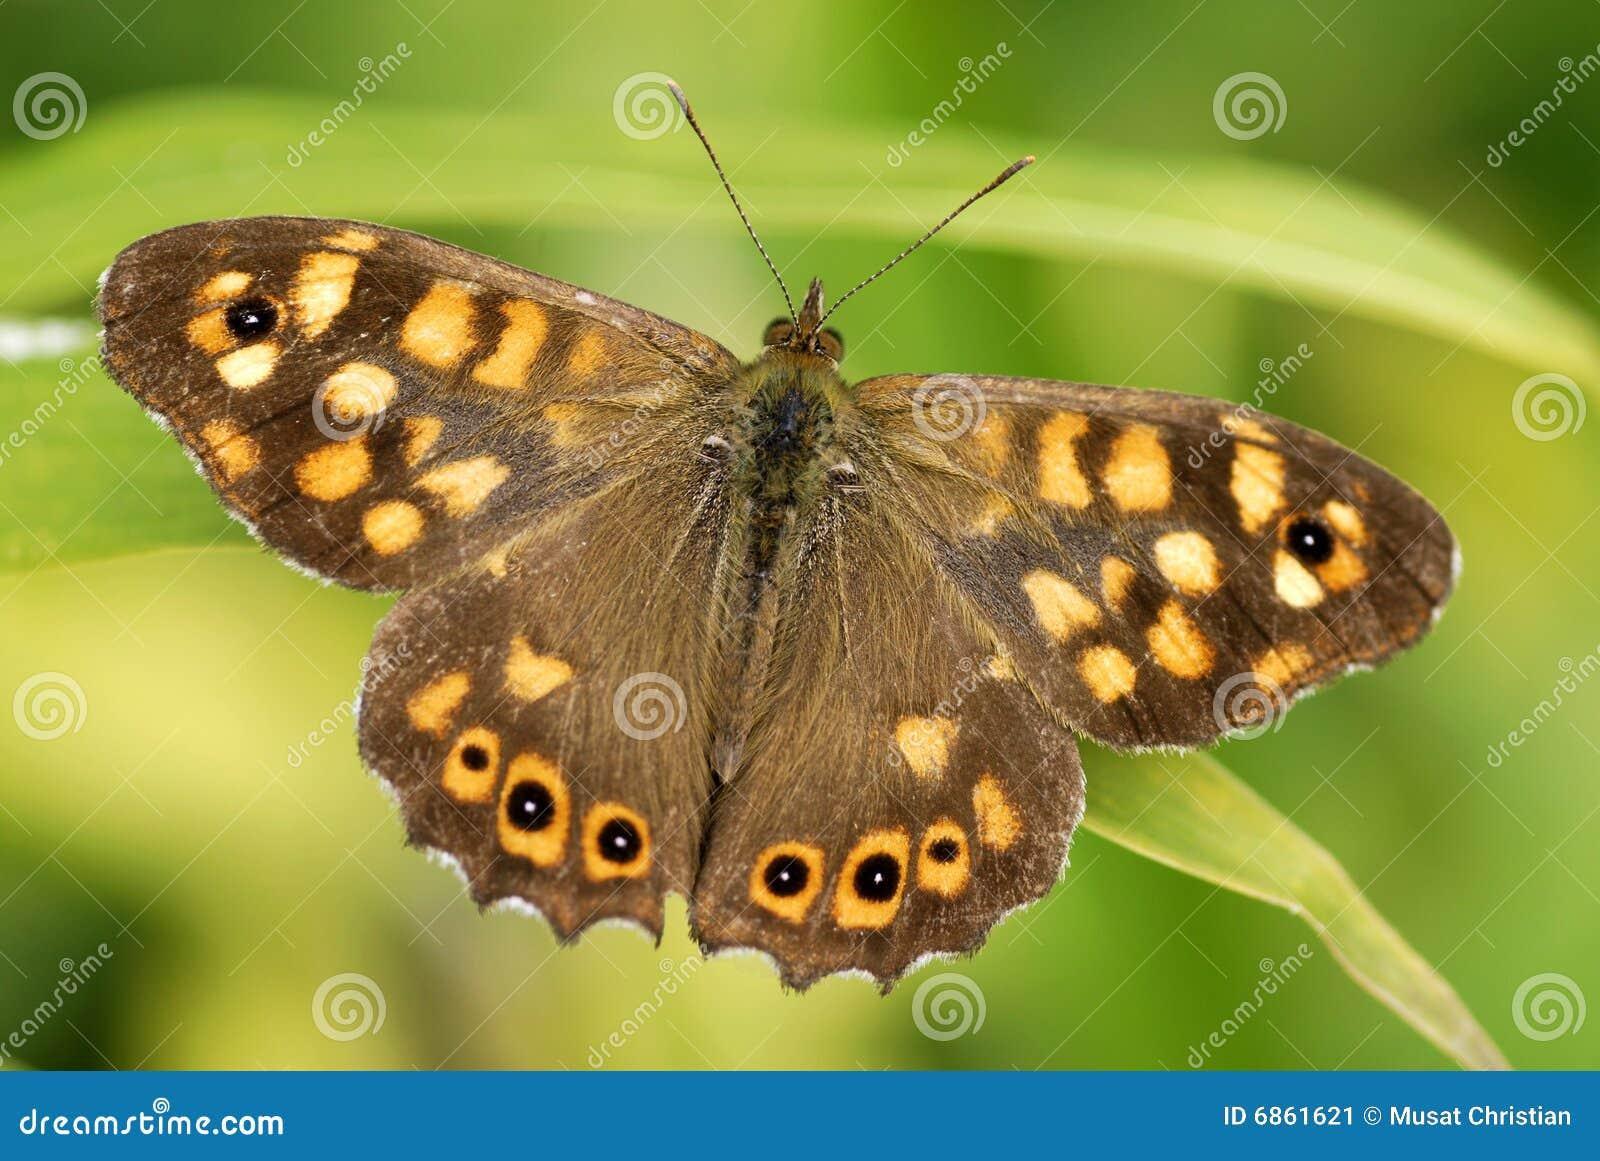 древесина запятнанная бабочкой